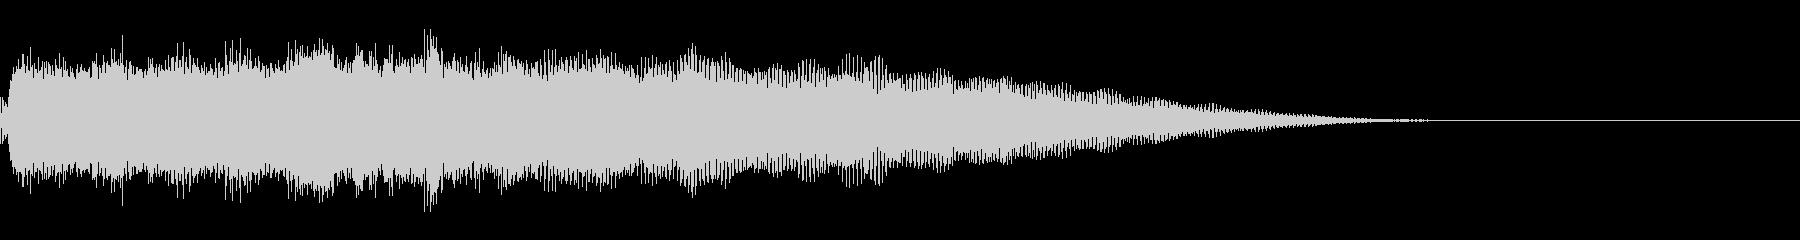 エレキ一本による重厚なジングルの未再生の波形